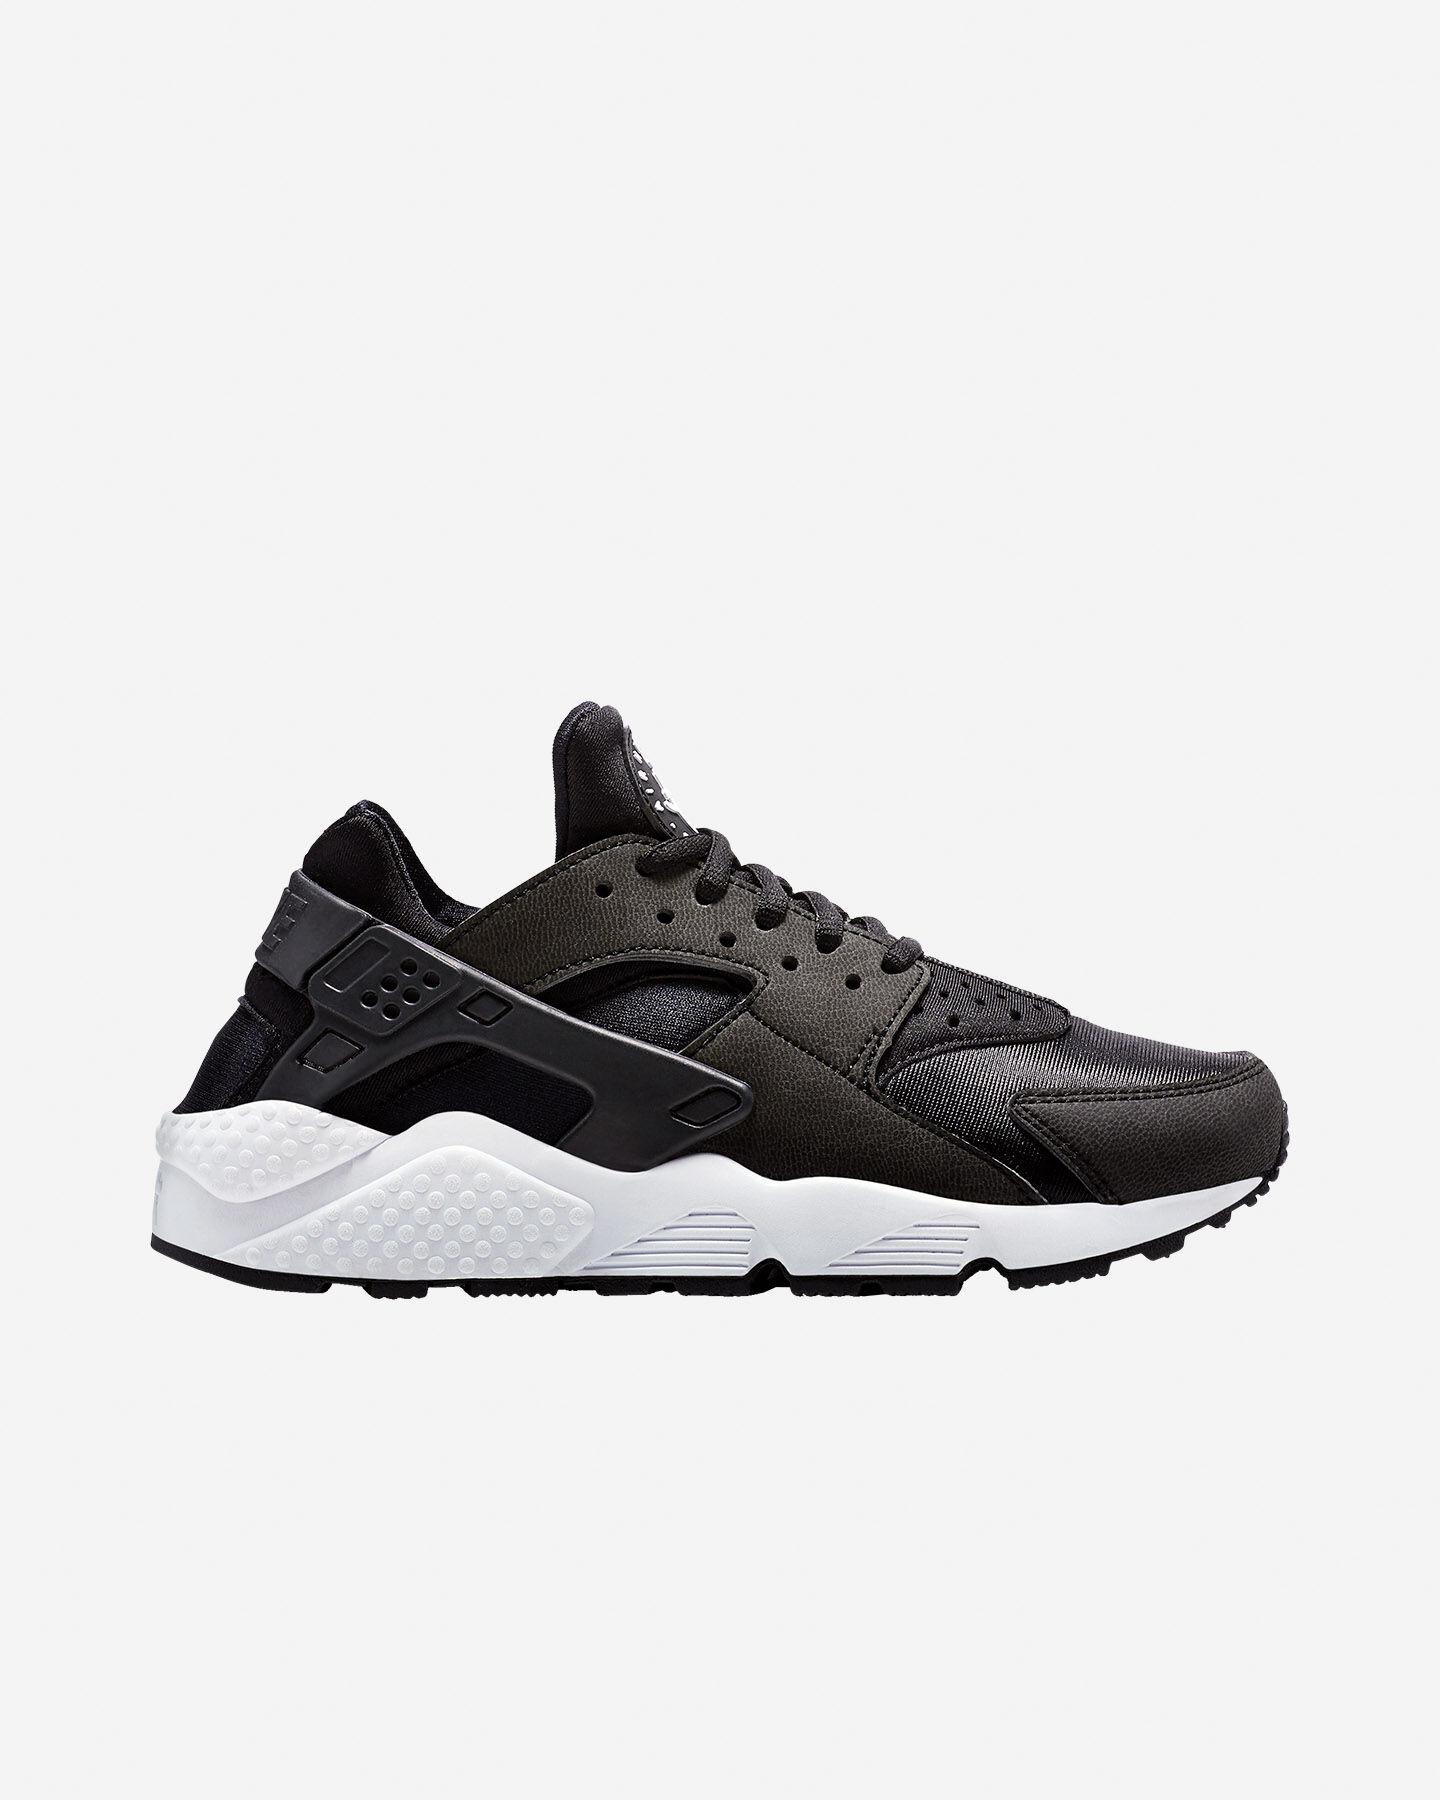 scarpe donna nike 2017 huarache